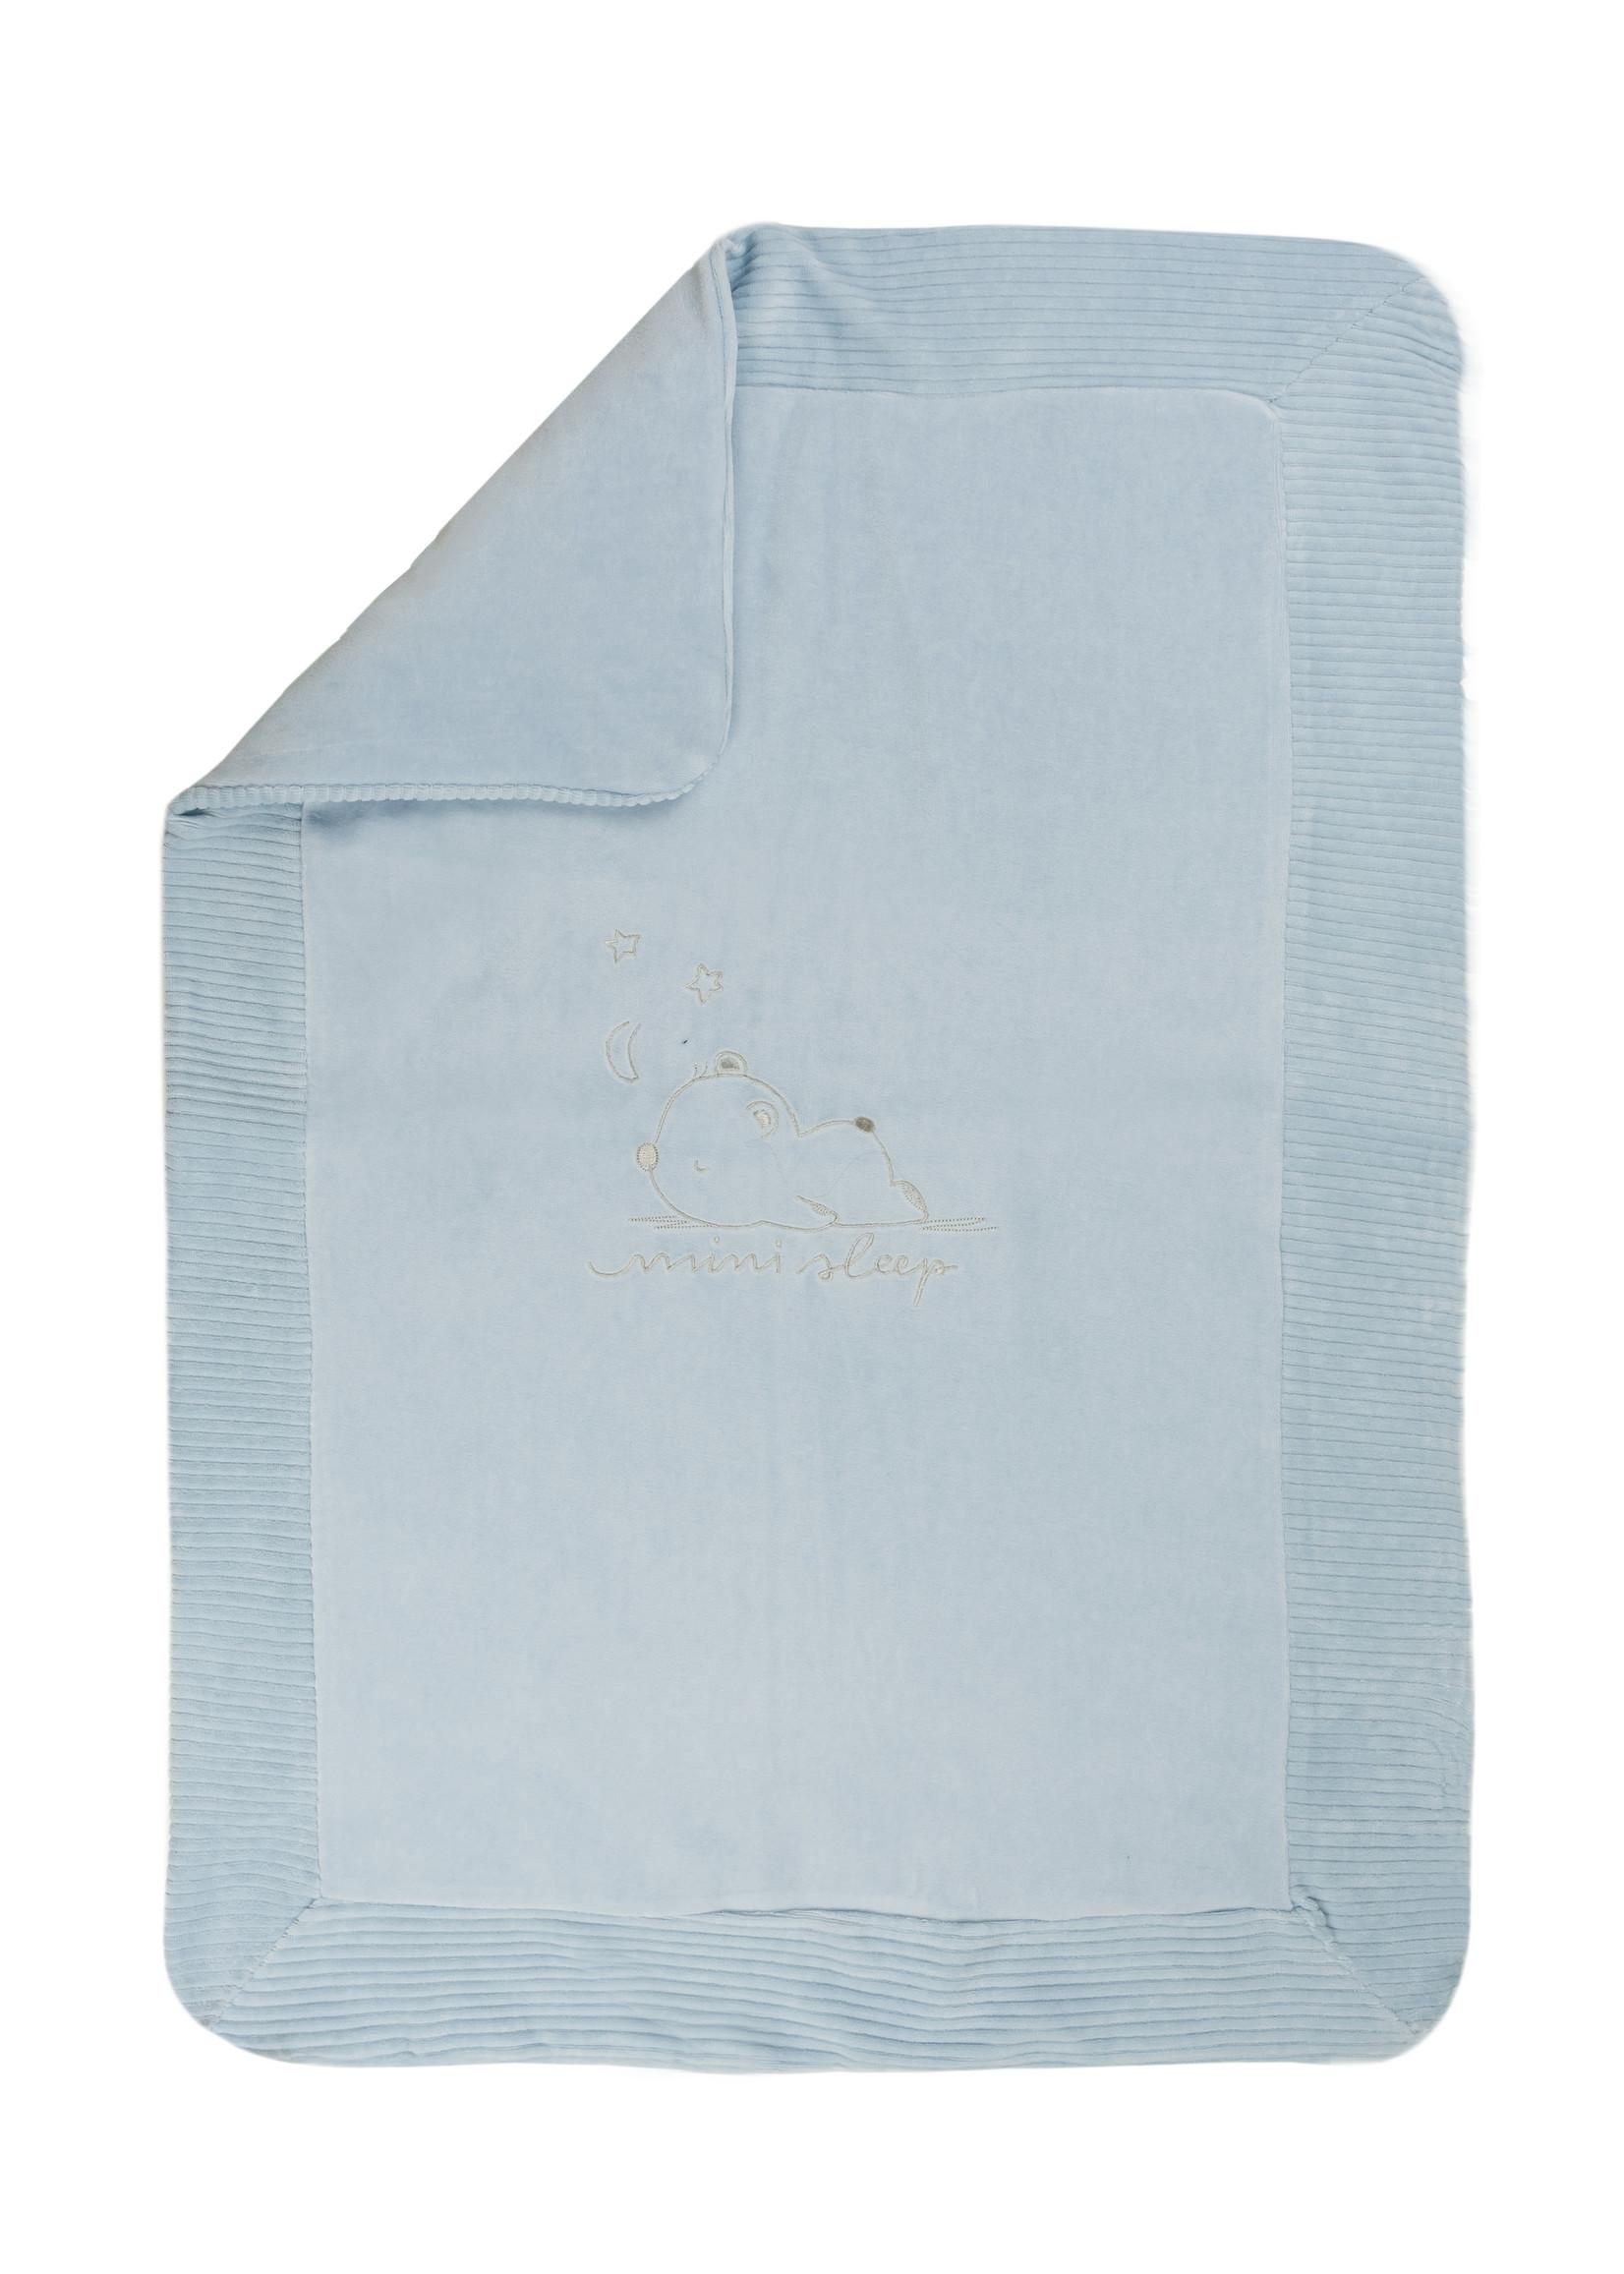 EMC EMC mini sleep blanket blue